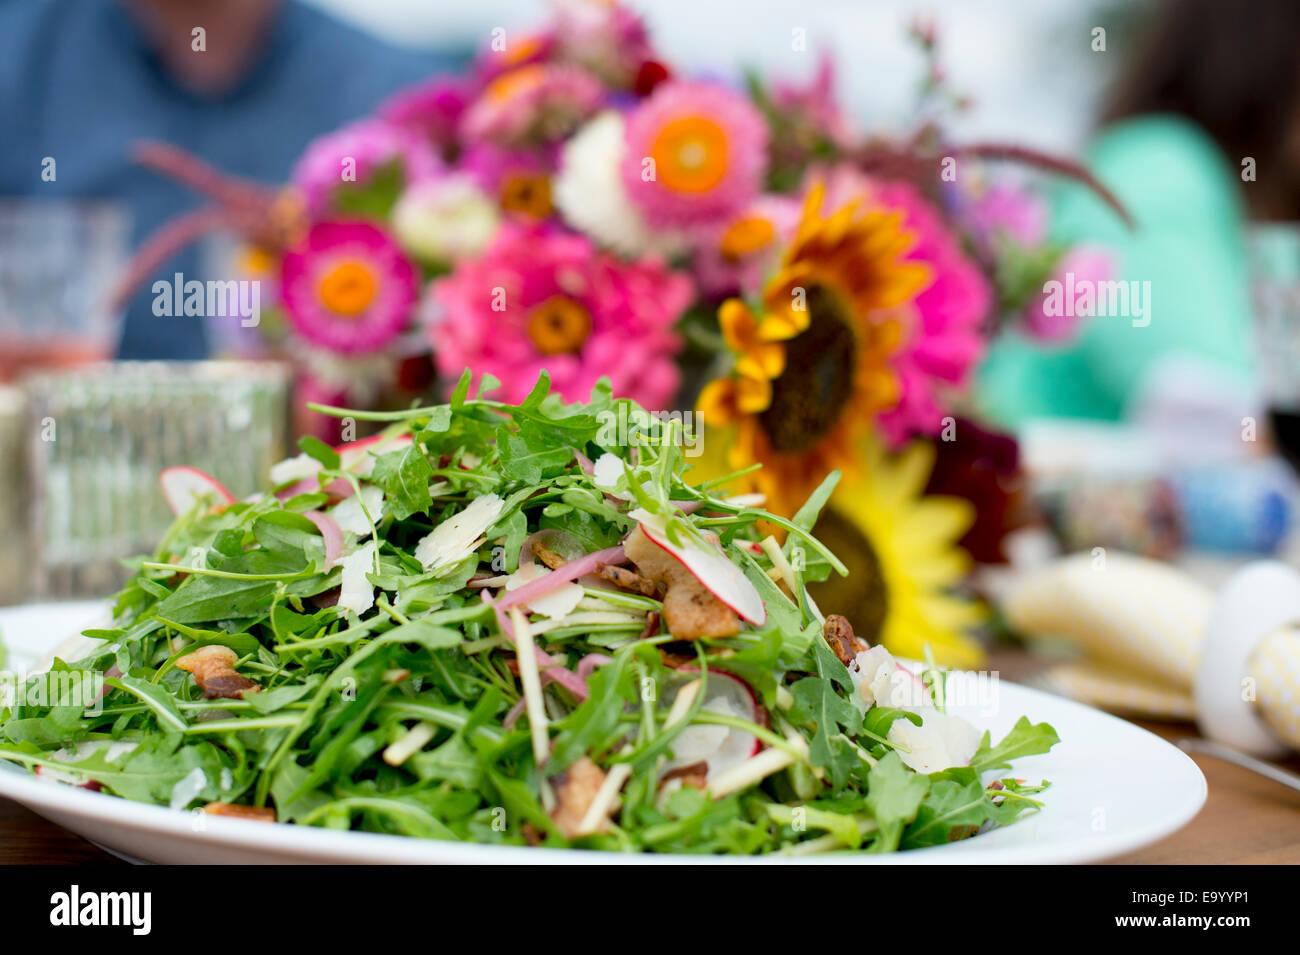 Salade fraîche sur une assiette de service, prêt à être servi Photo Stock